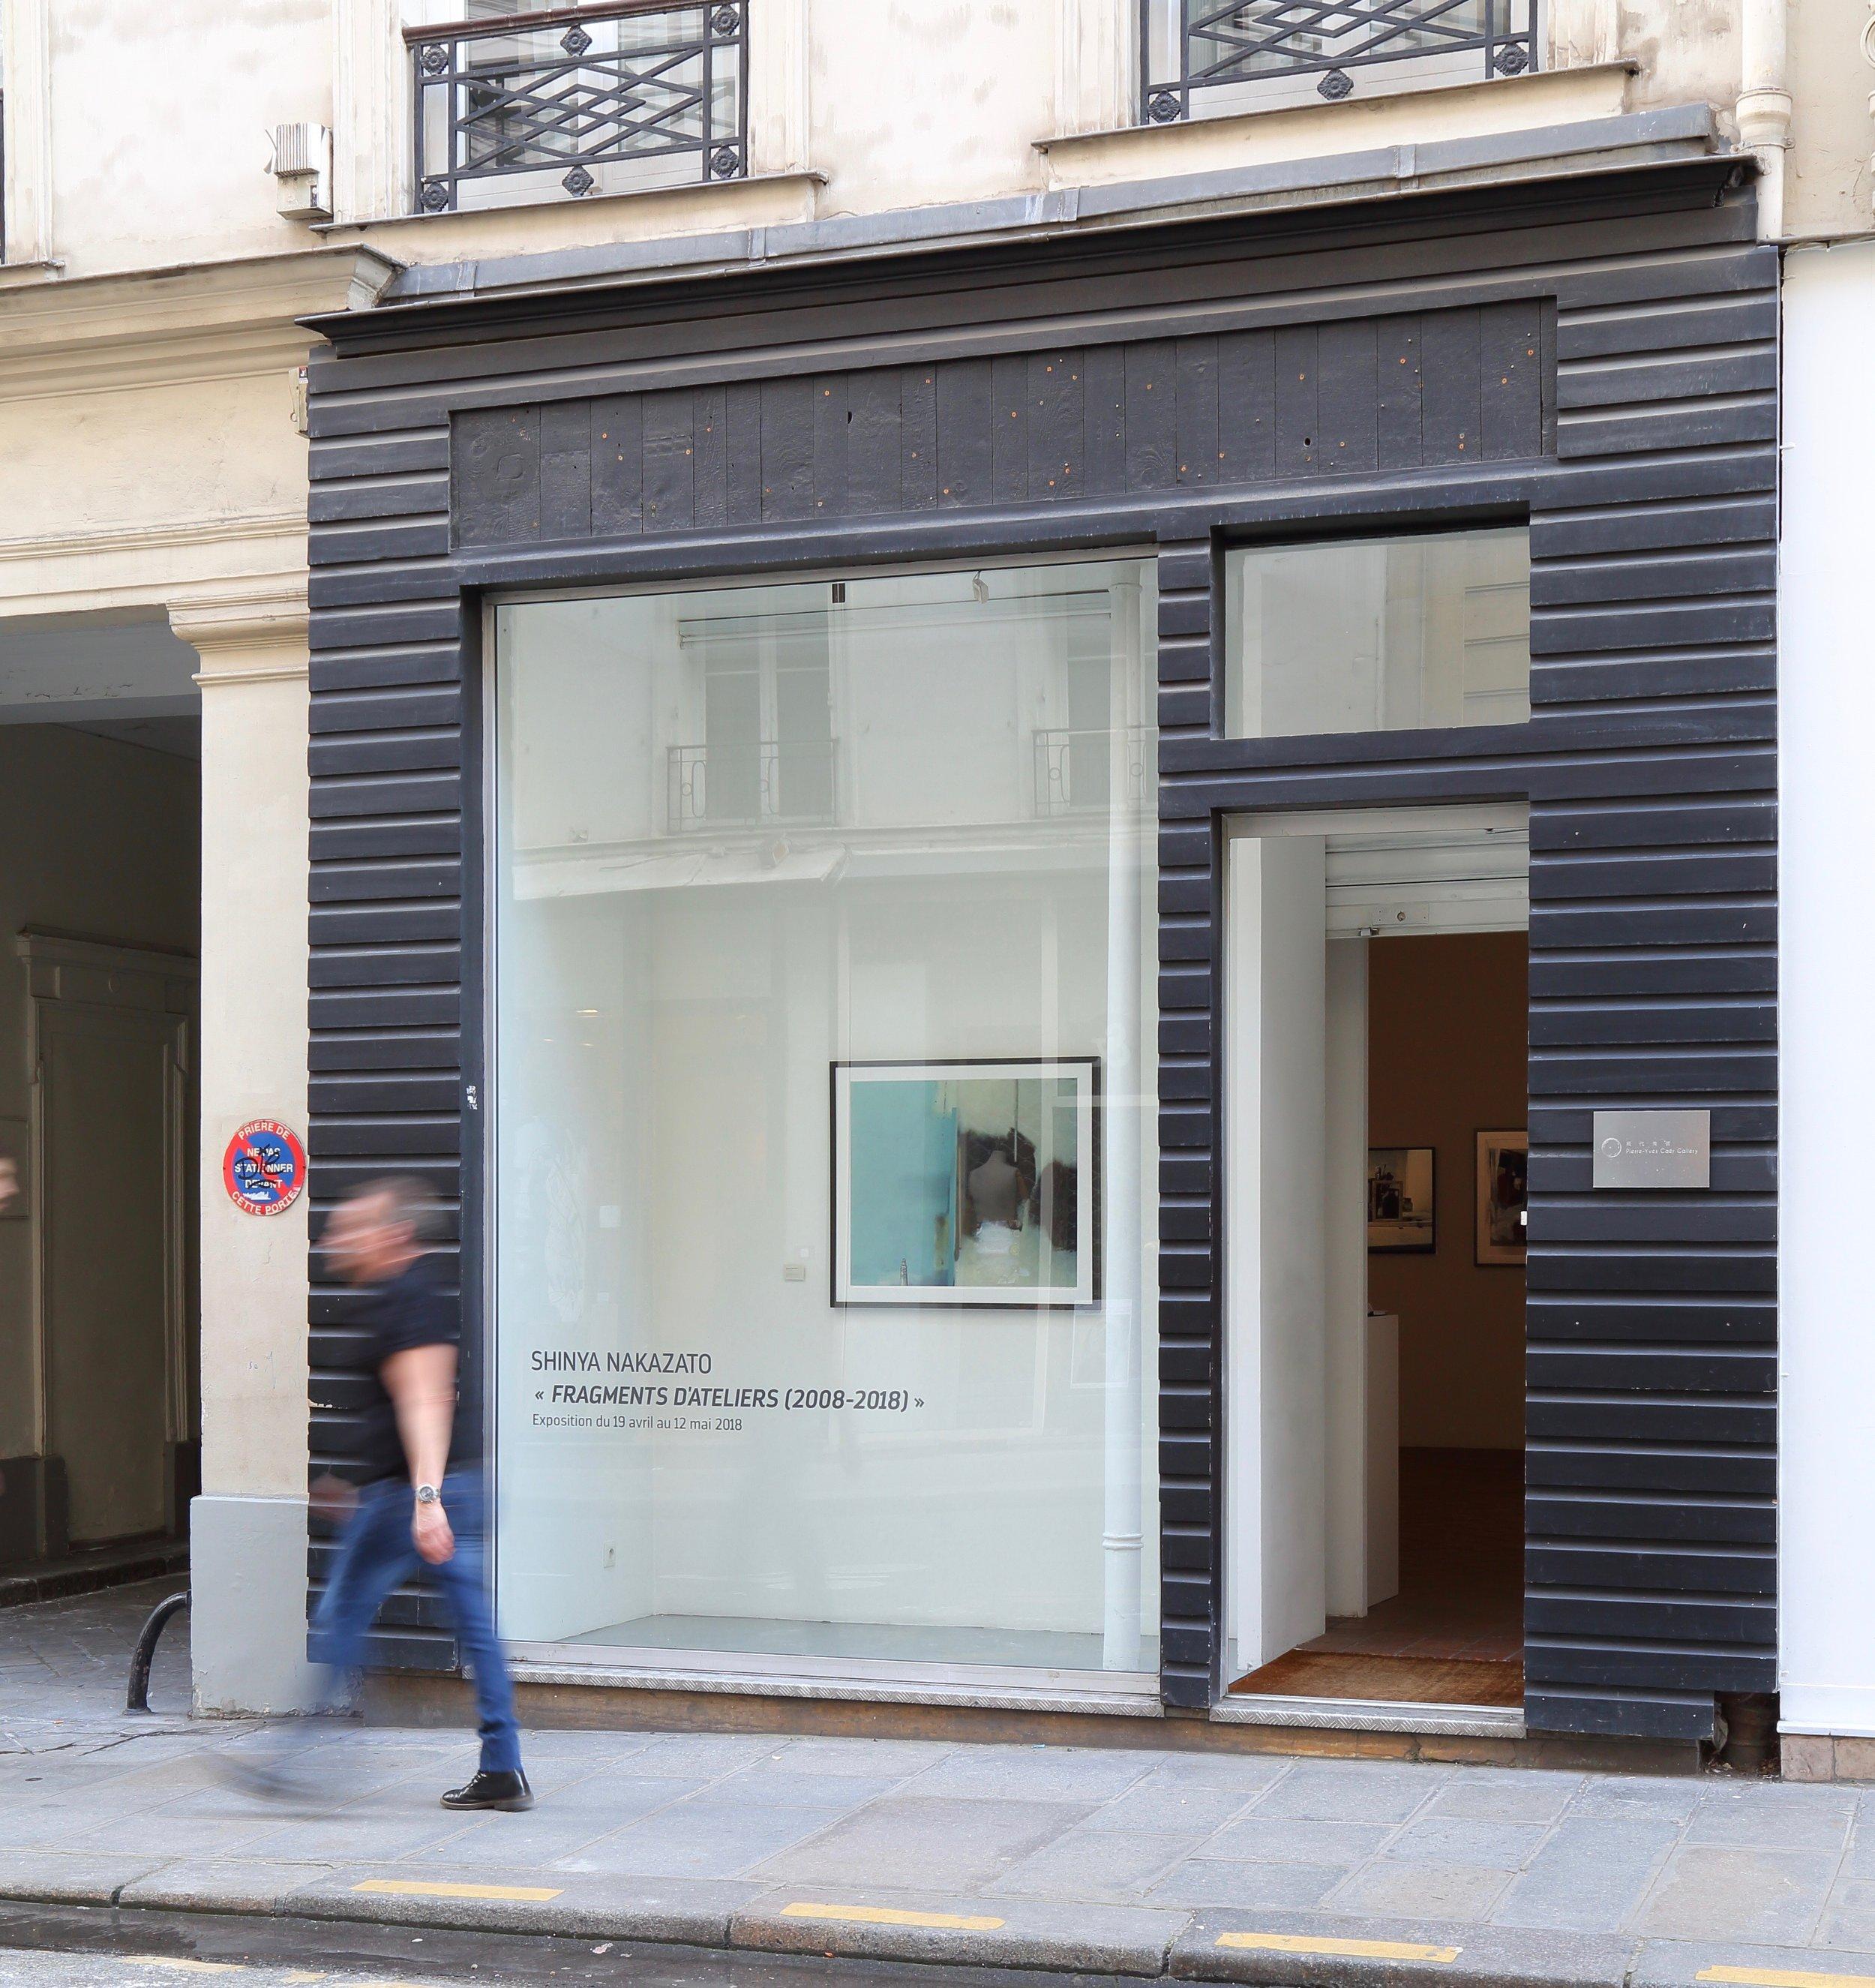 Pierre-Yves Caër Gallery - Pierre-Yves Caër Gallery est dédiée à l'art contemporain japonais. Elle expose les œuvres, d'artistes reconnus ou émergents, qui créent selon des techniques diverses. Tous ont en commun d'avoir atteint une grande maturité dans leur expression artistique, d'avoir développé leur propre originalité et de se référer à la culture japonaise dans leurs créations.7, rue Notre-Dame de Nazareth - 75003 Pariswww.pierreyvescaer.com